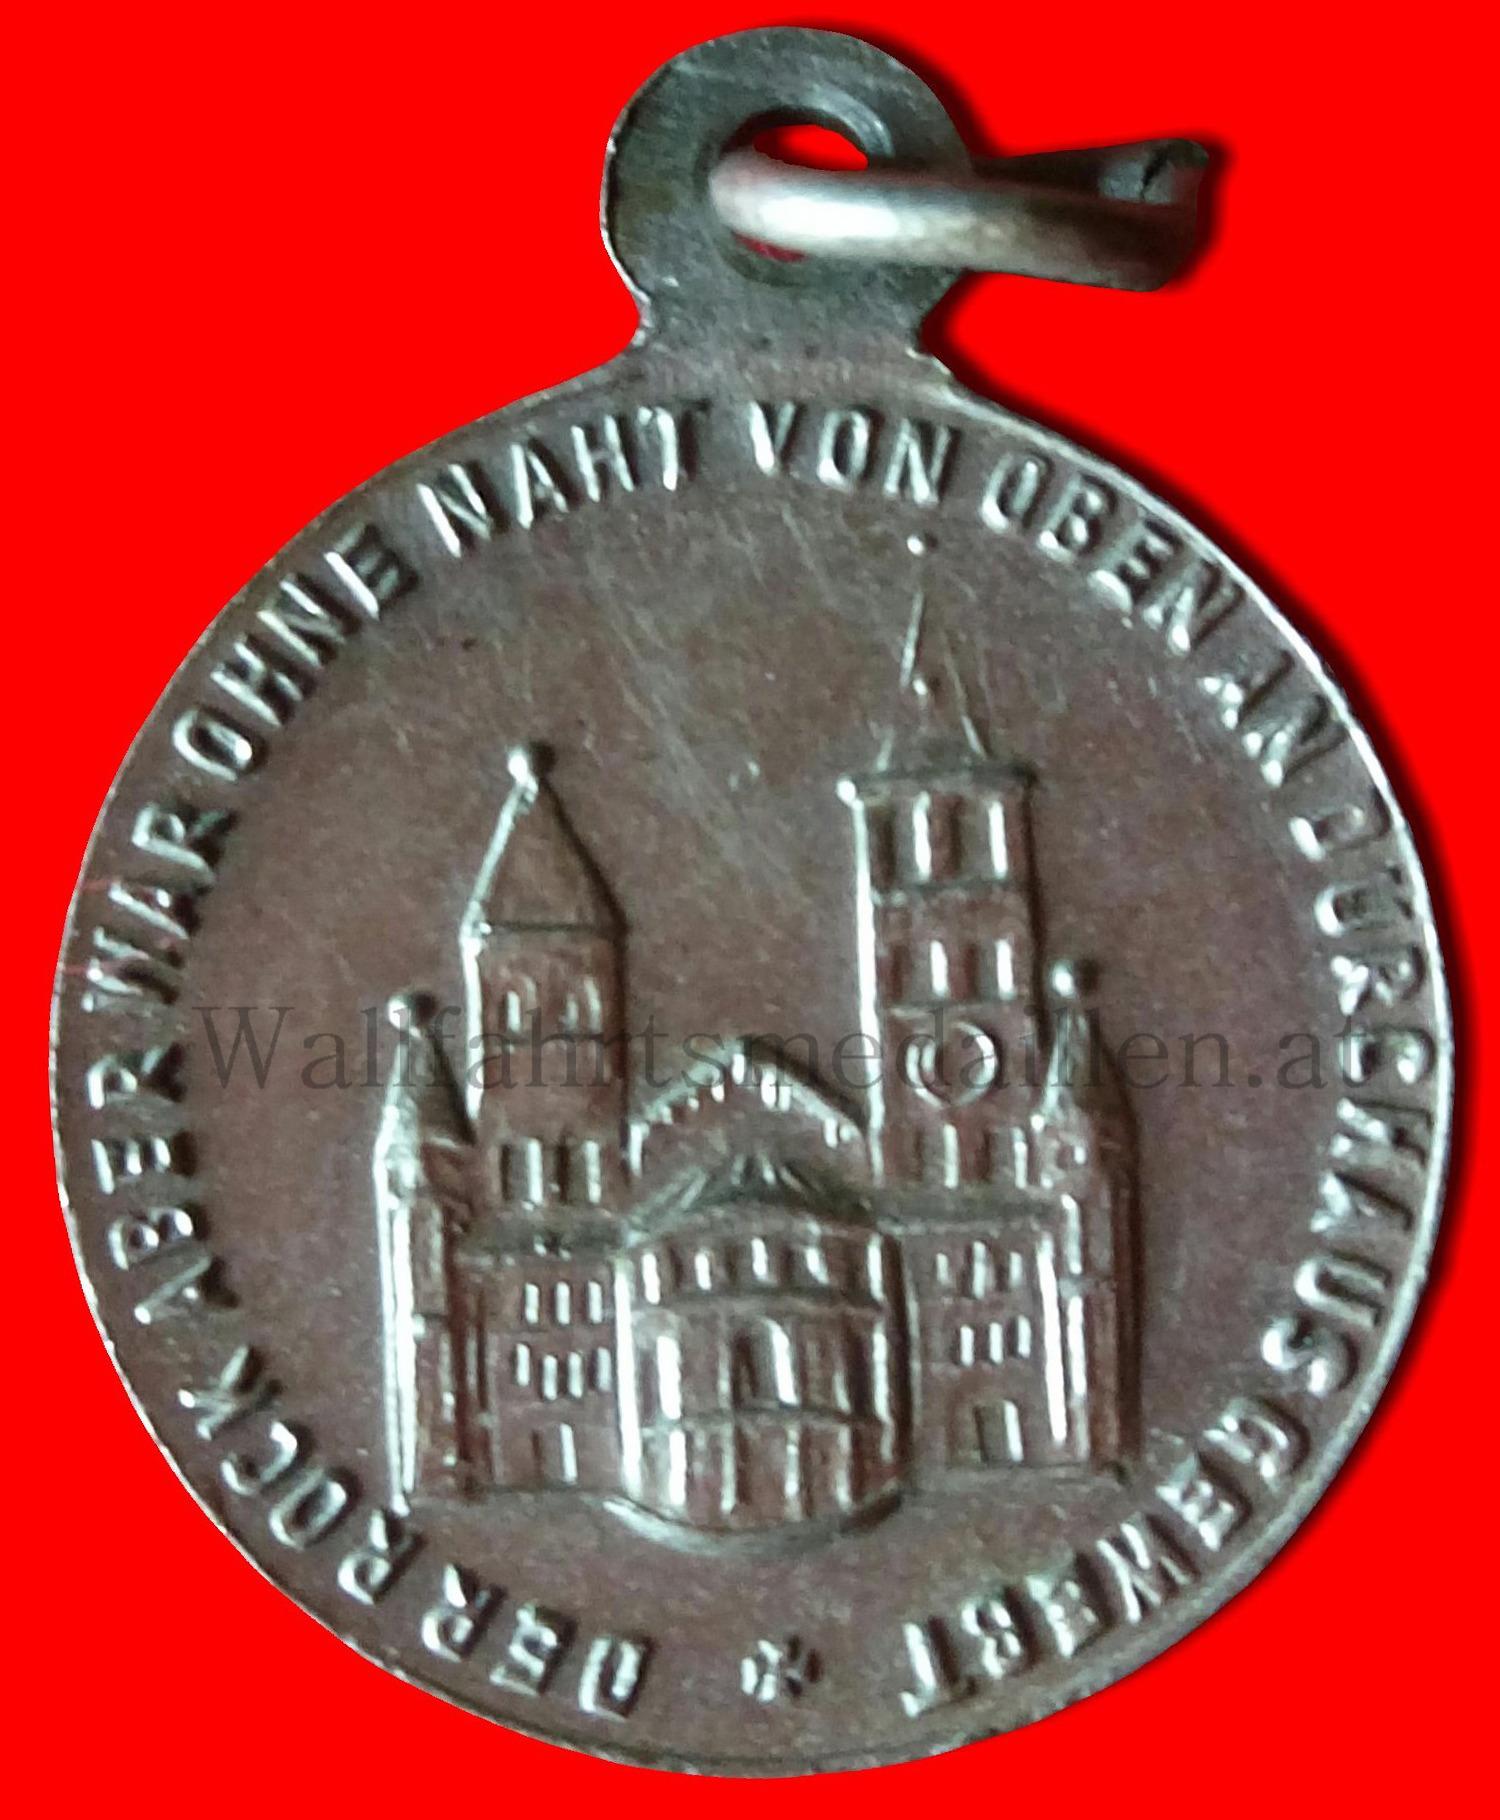 Wallfahrt Trier 1959